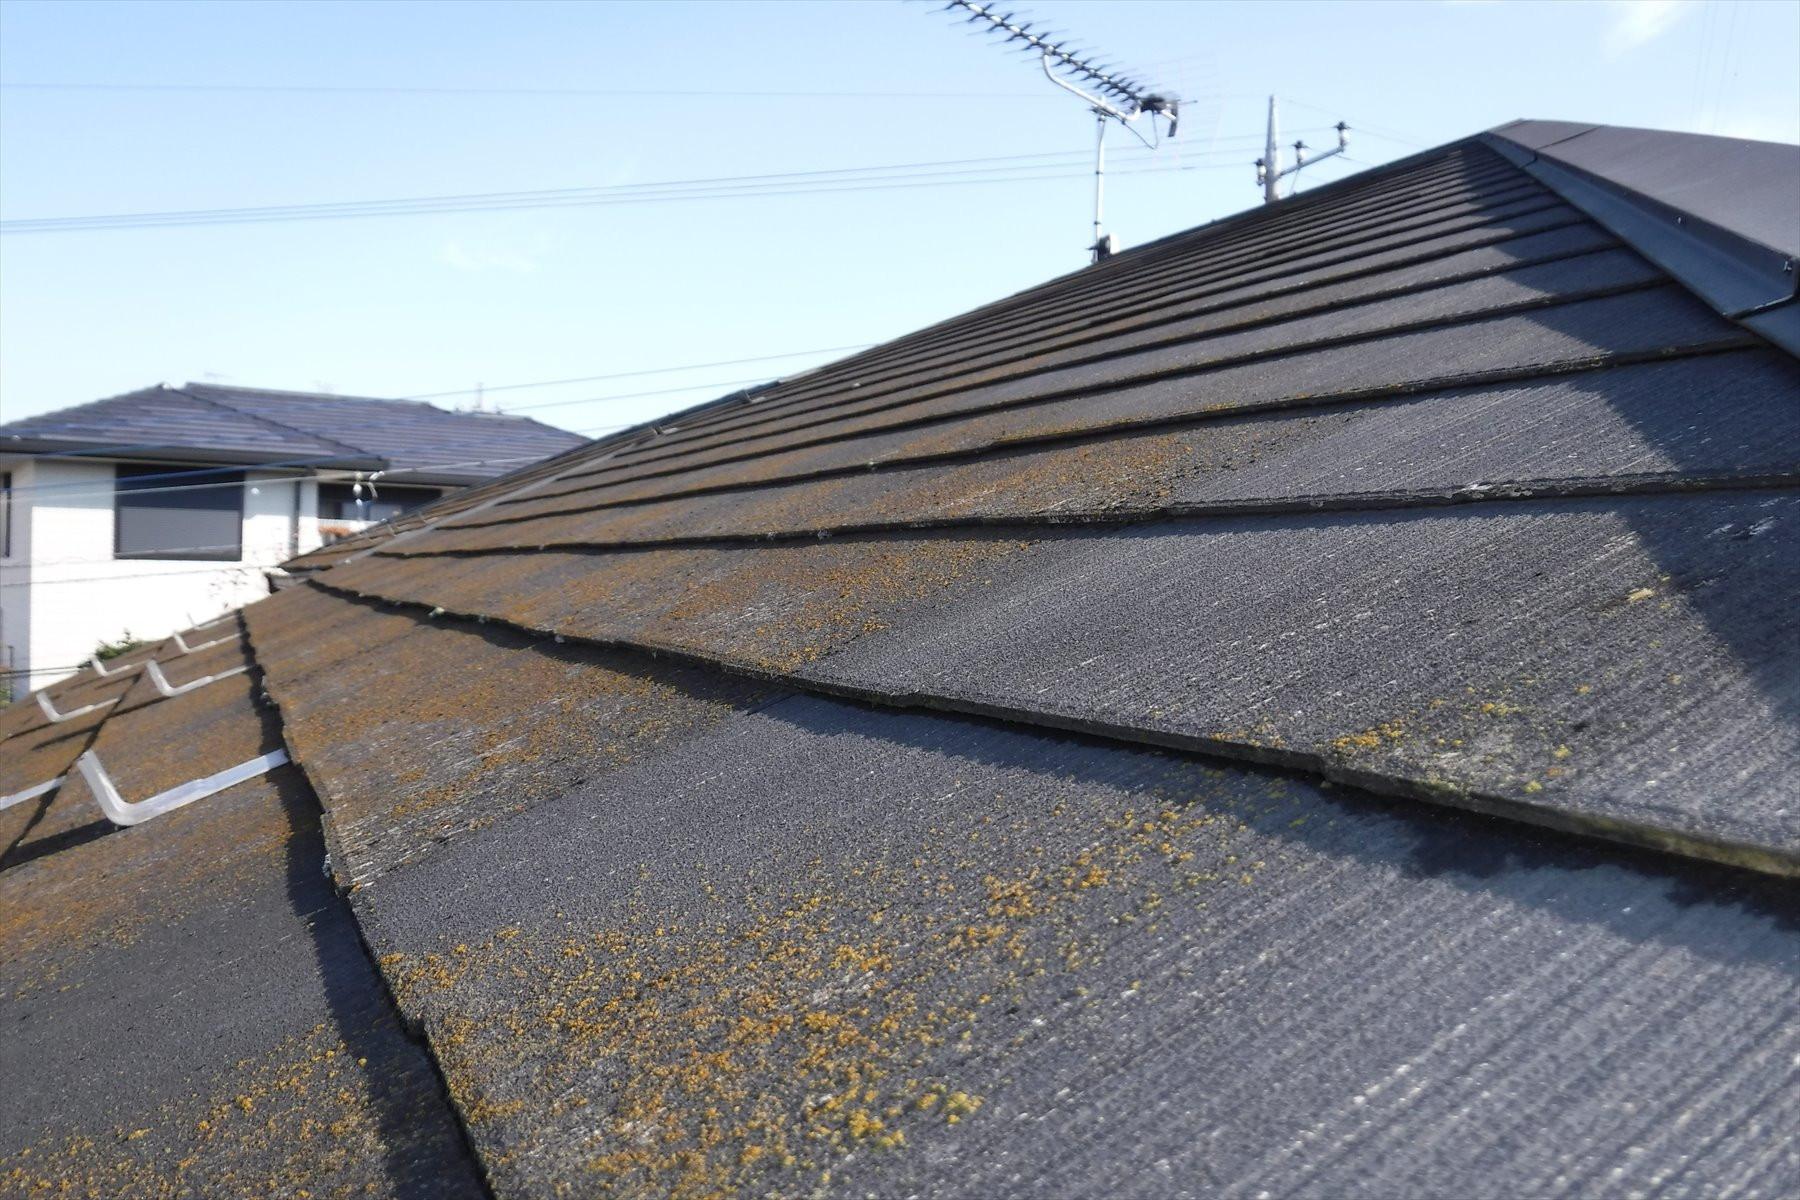 沼津市 雨漏り屋根工事(ディプロマットスター)画像9